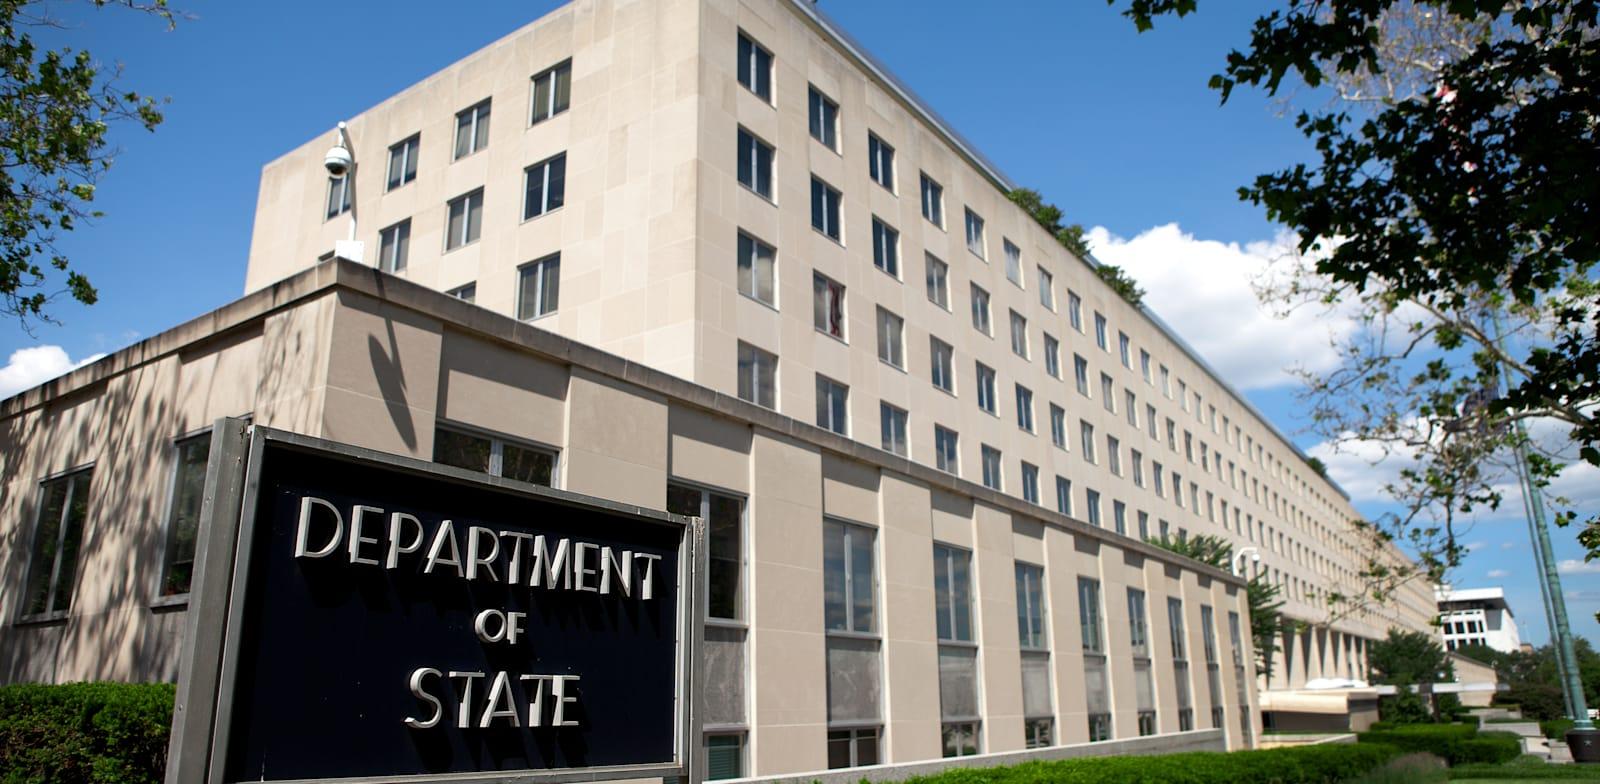 """בניין מחלקת המדינה של ארה""""ב בוושינגטון / צילום: Mark Van Scyoc"""